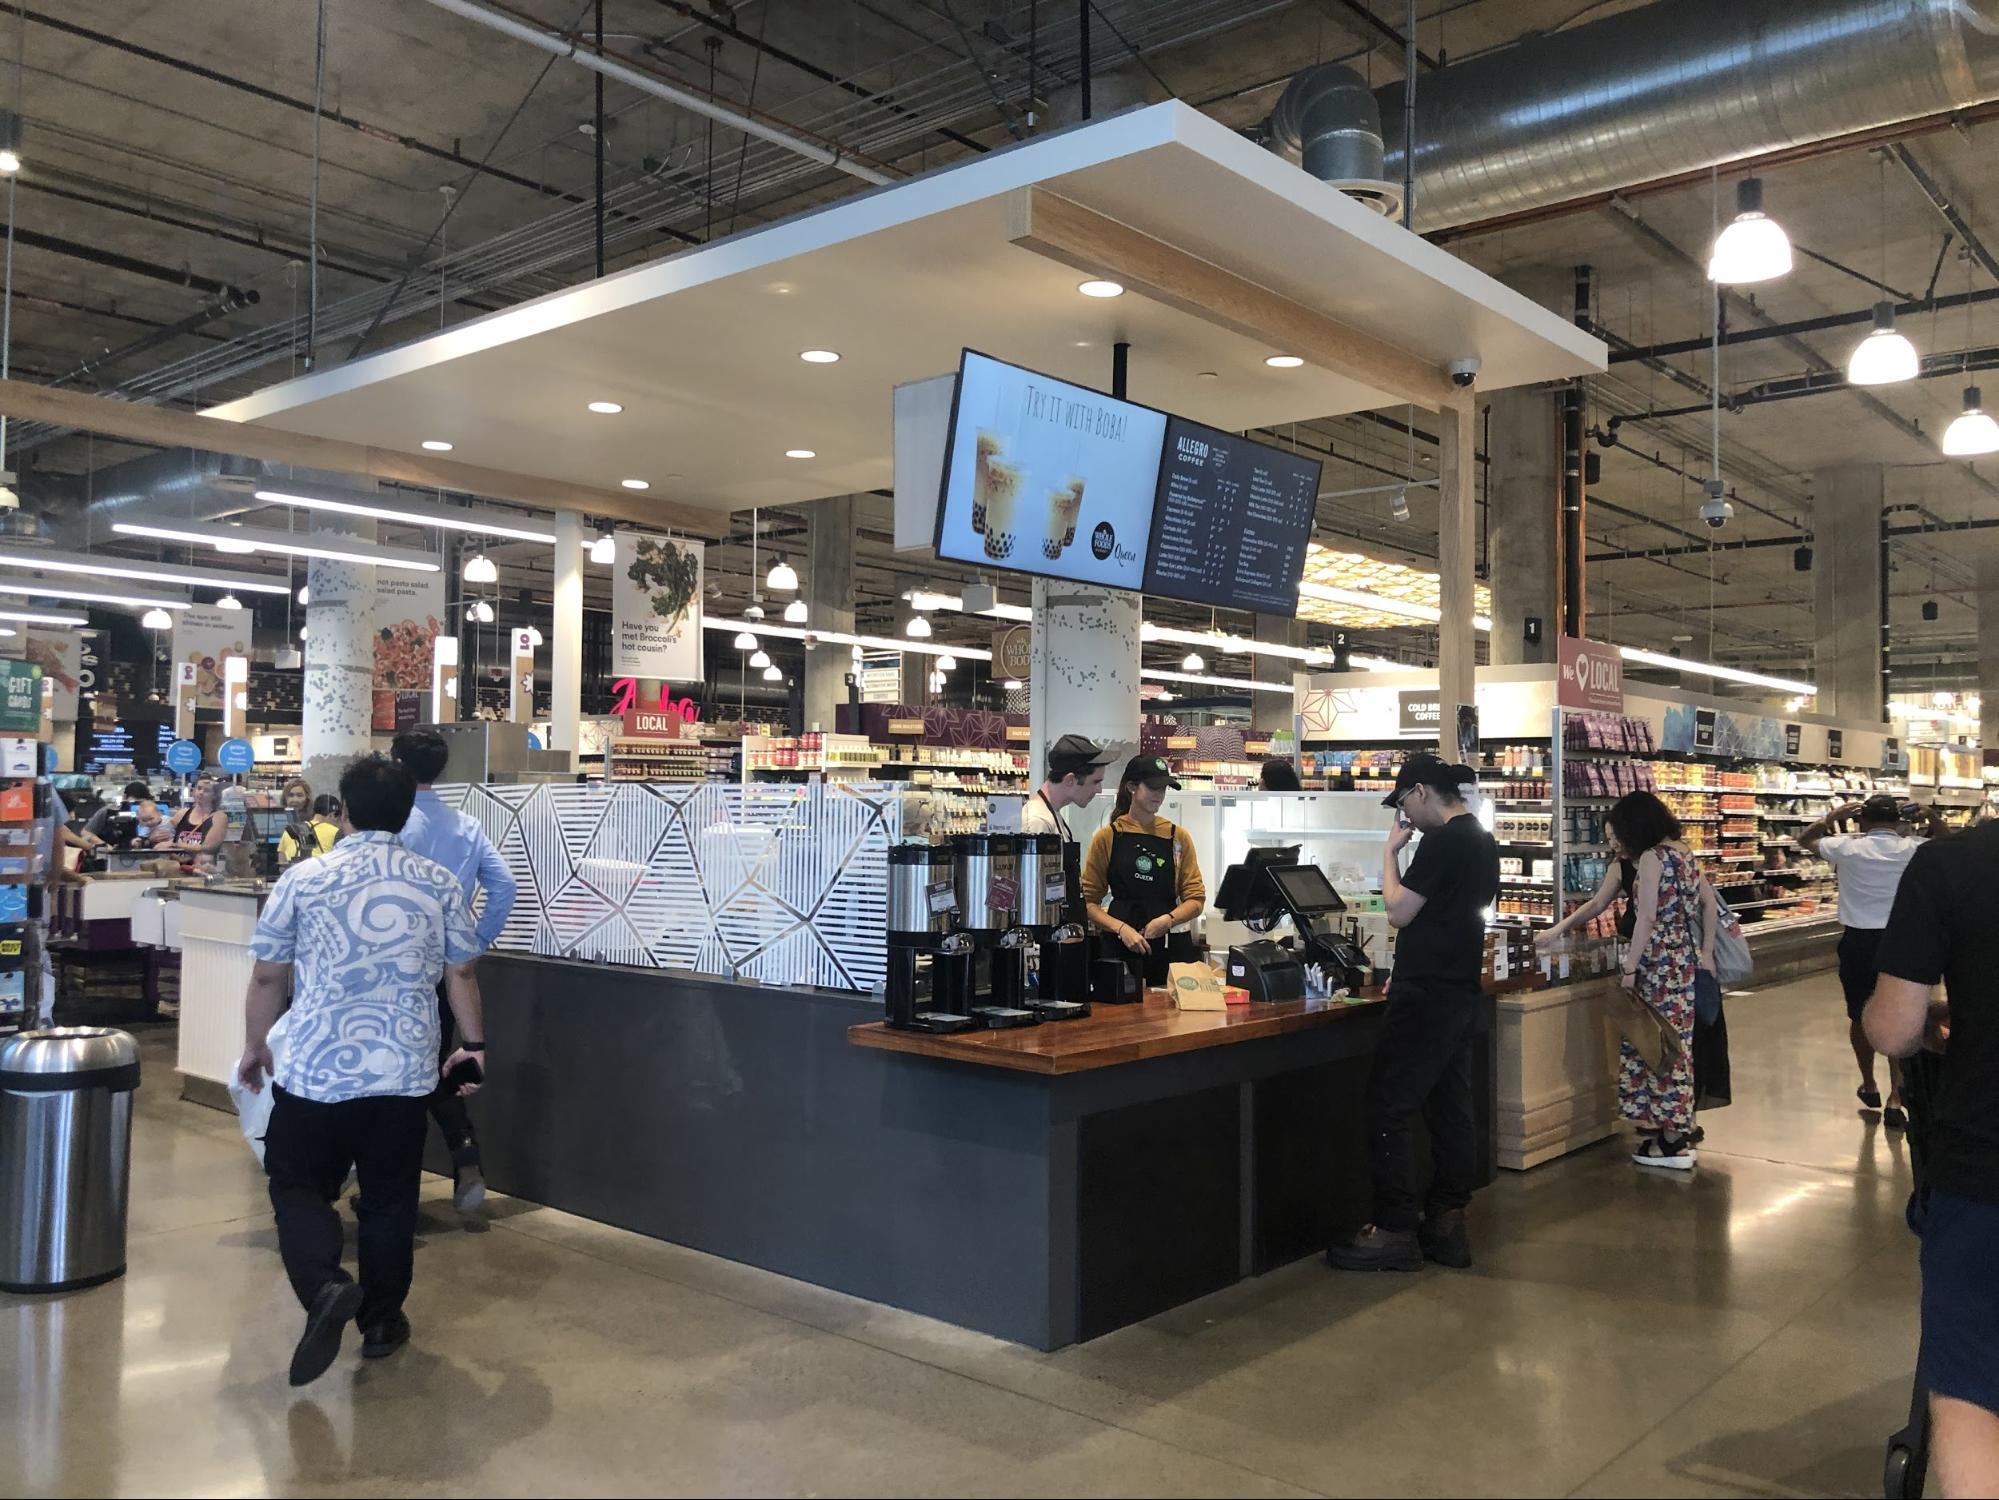 ハワイ・ホールフーズの飲食店/フードコートグルメ・コーヒースタンド